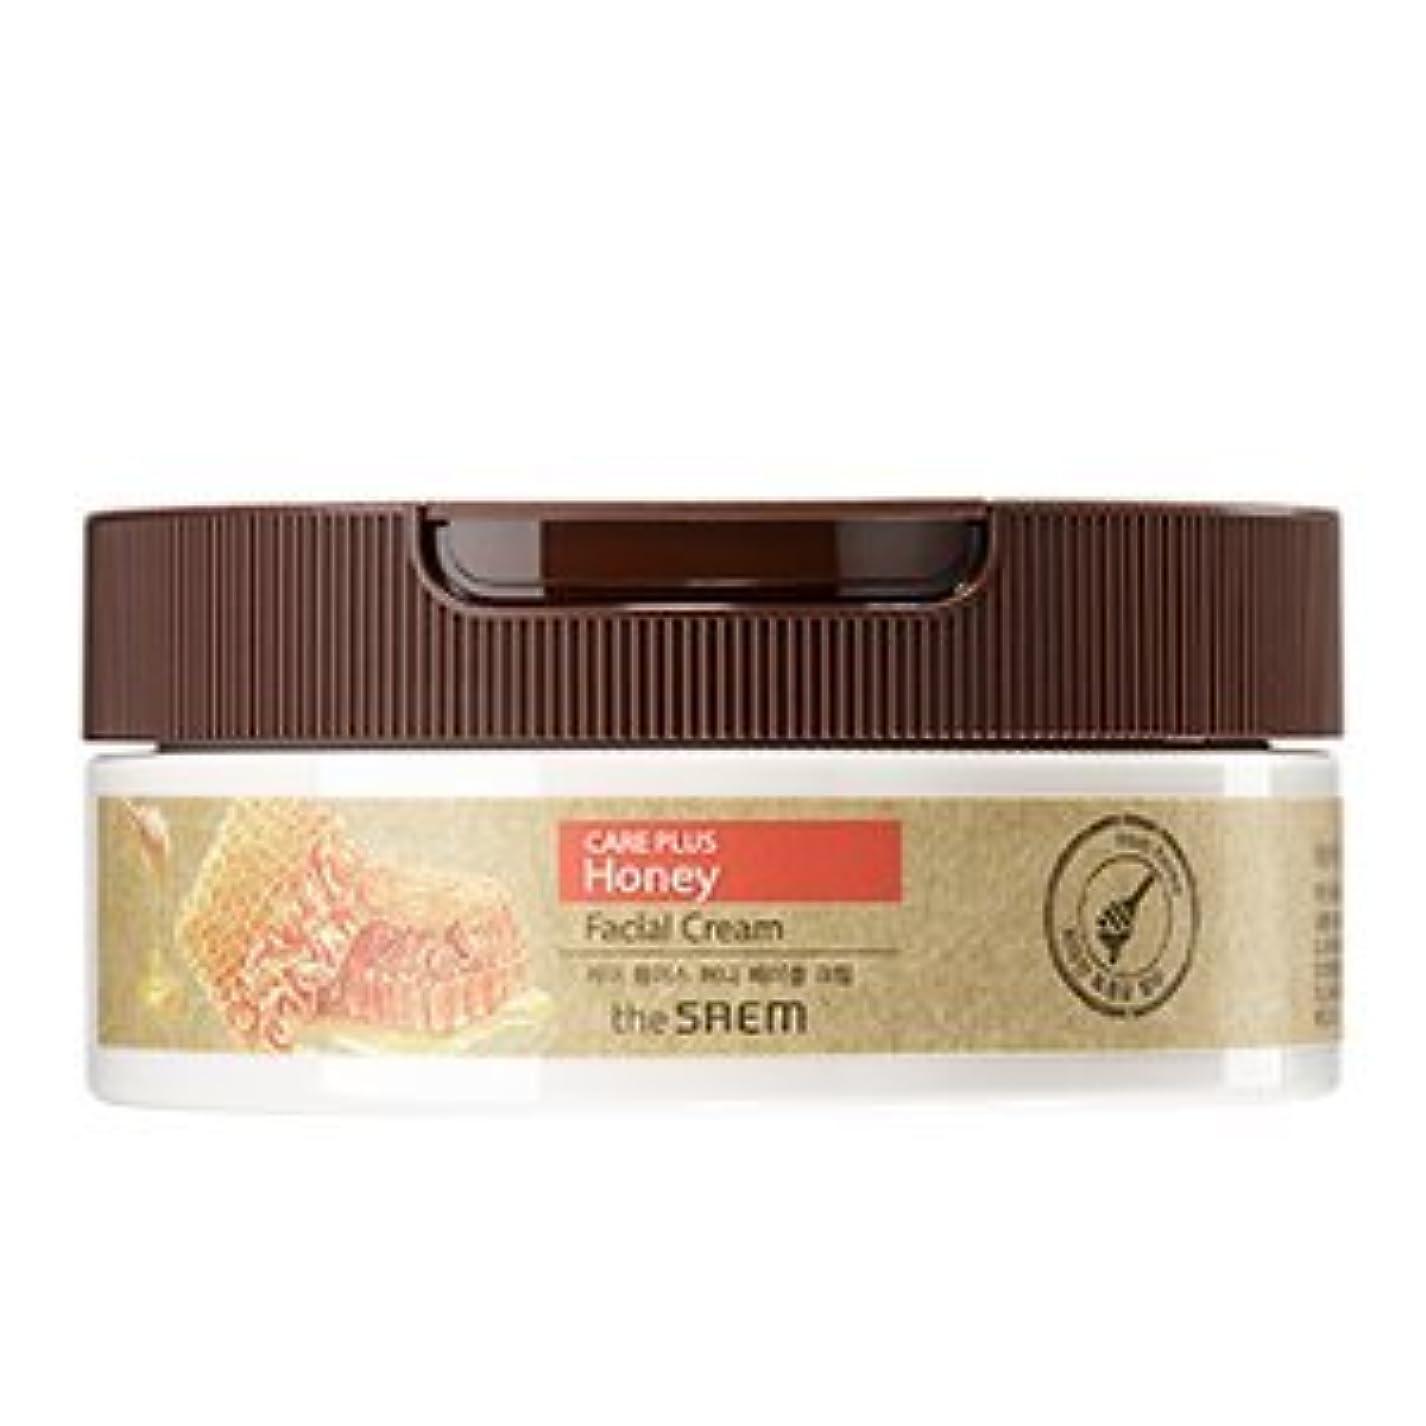 高原アドバンテージシャーロックホームズthe SAEM Care Plus Honey Facial Cream 200ml/ザセム ケア プラス ハニー フェイシャル クリーム 200ml [並行輸入品]